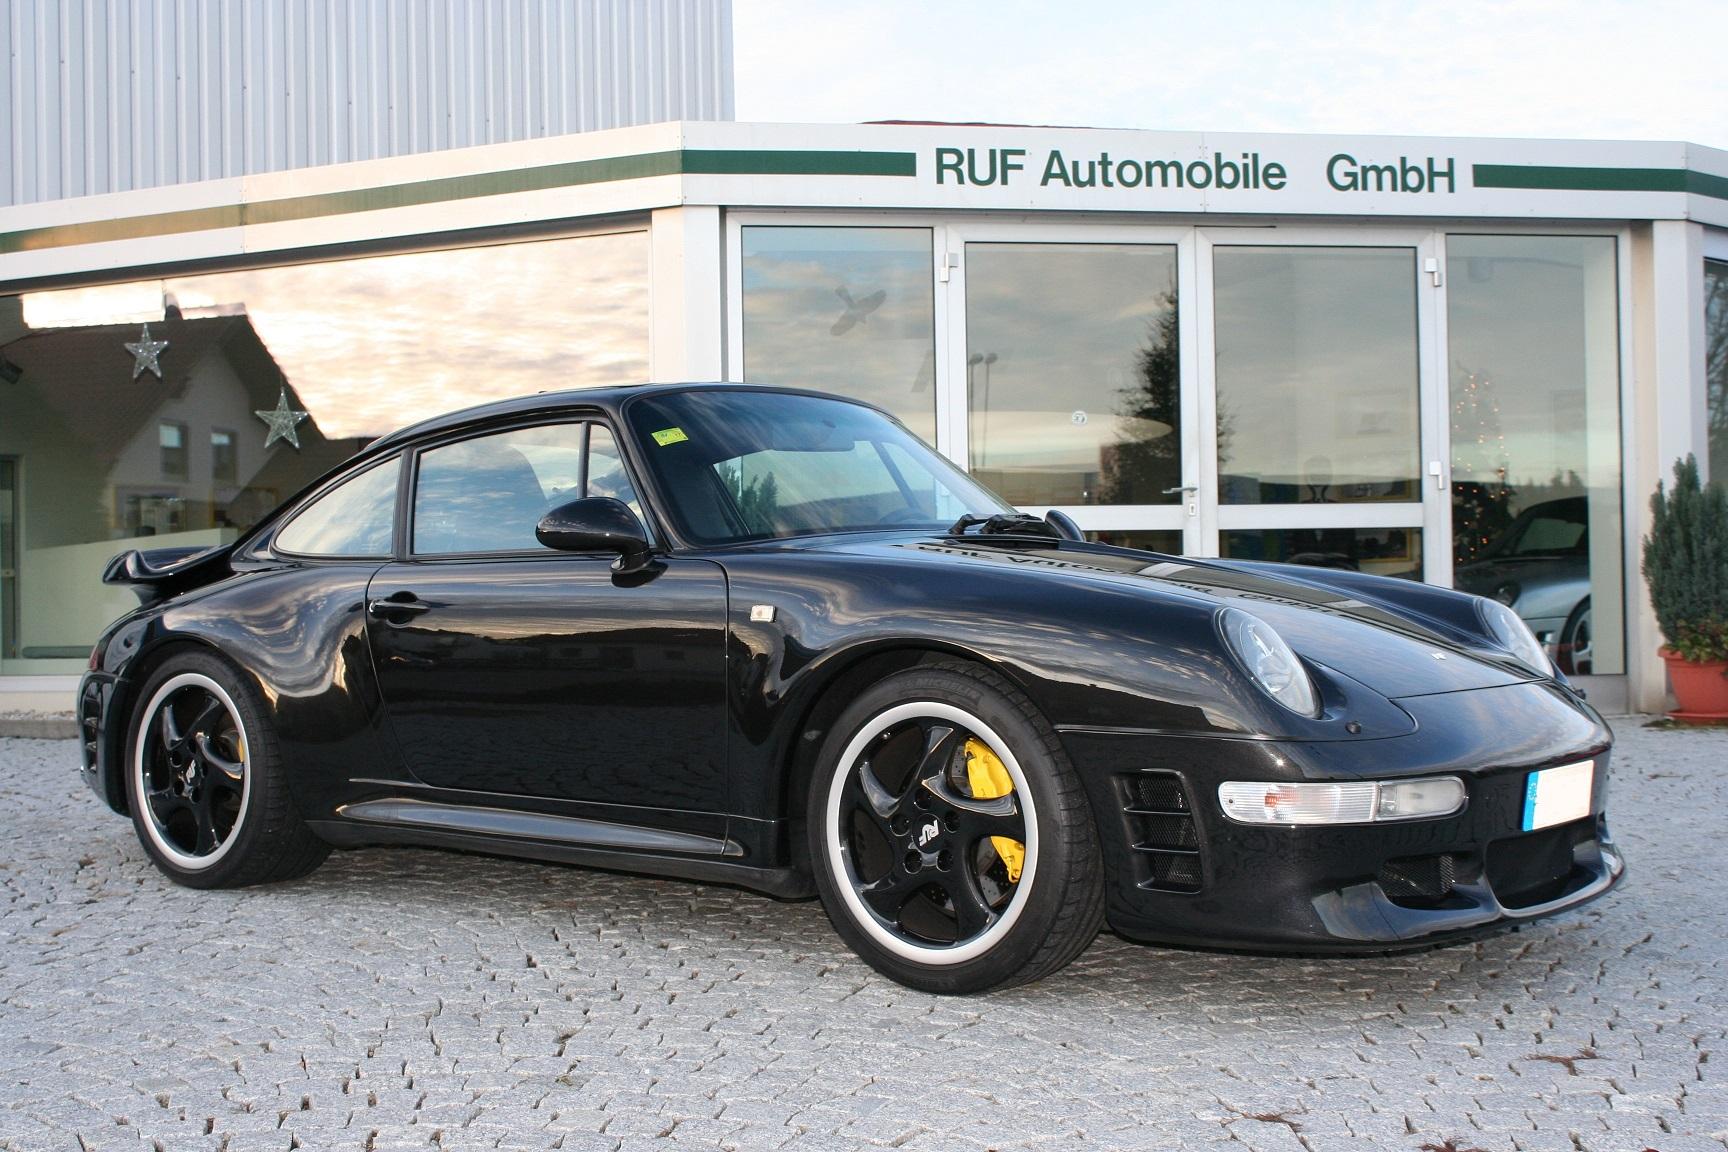 1998 Porsche RUF Turbo R Conversion